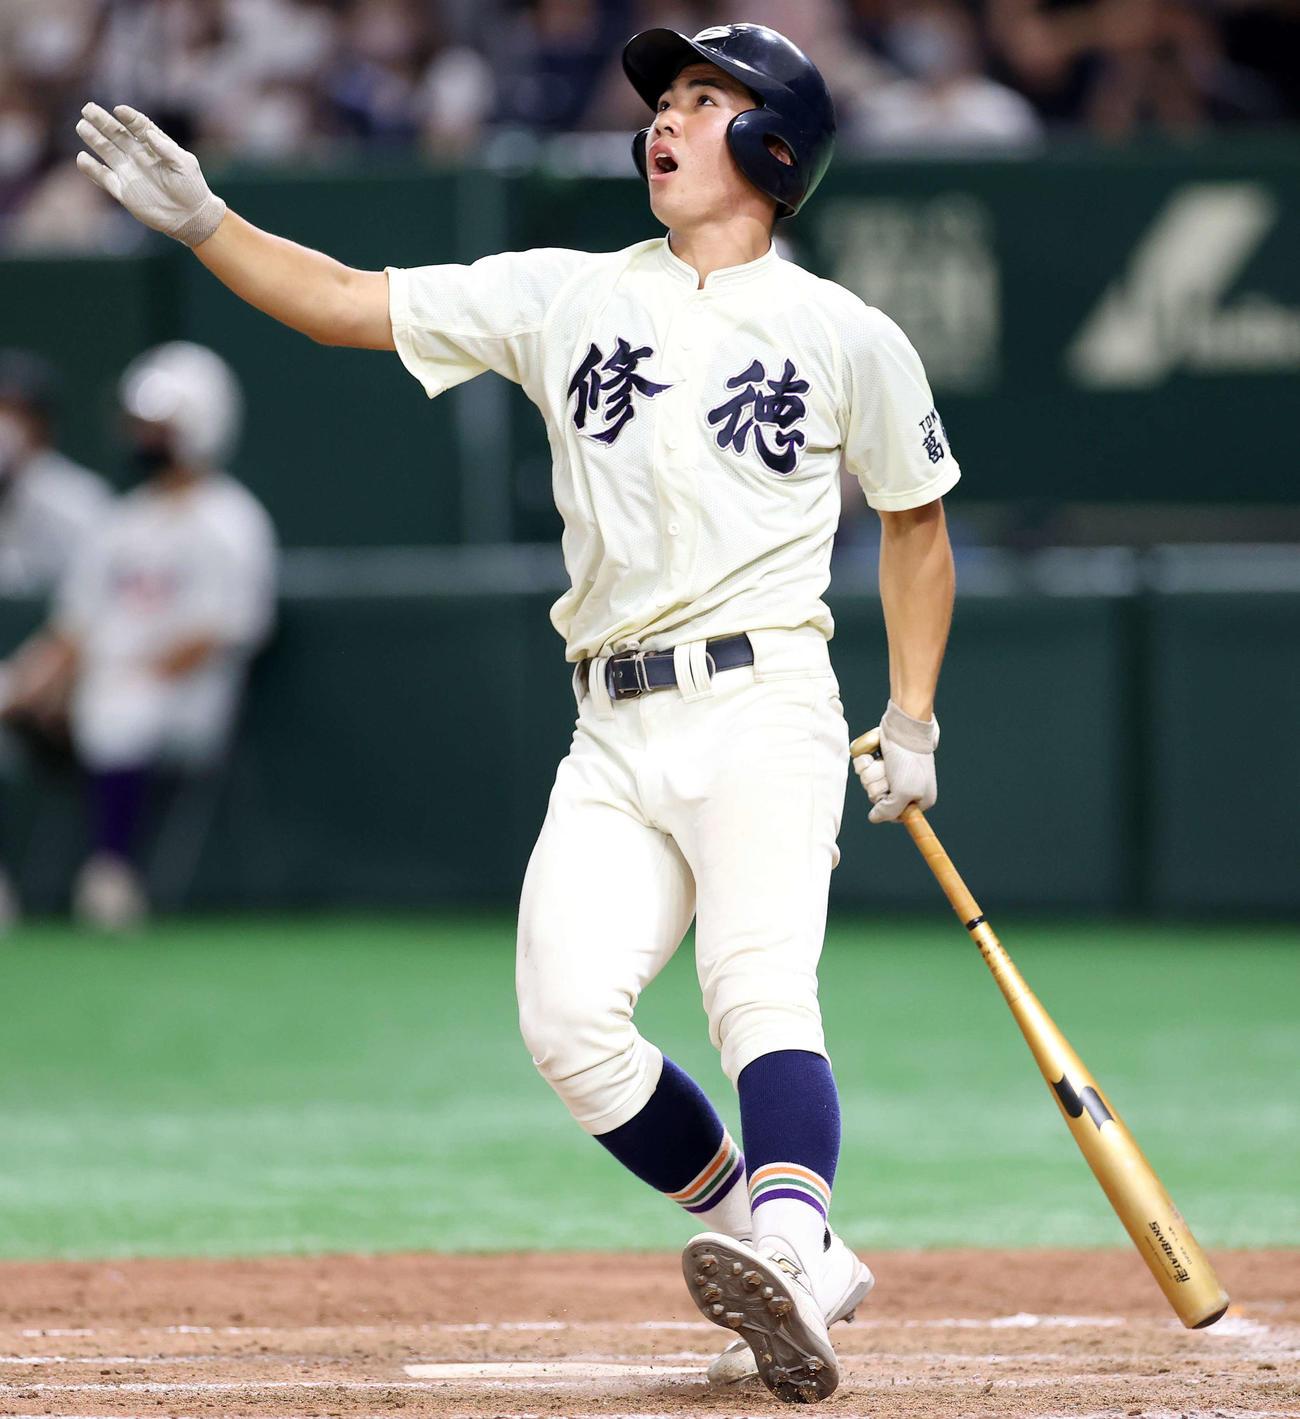 修徳対関東第一 4回表修徳2死、佐藤は左越え本塁打を放つ(撮影・鈴木正人)